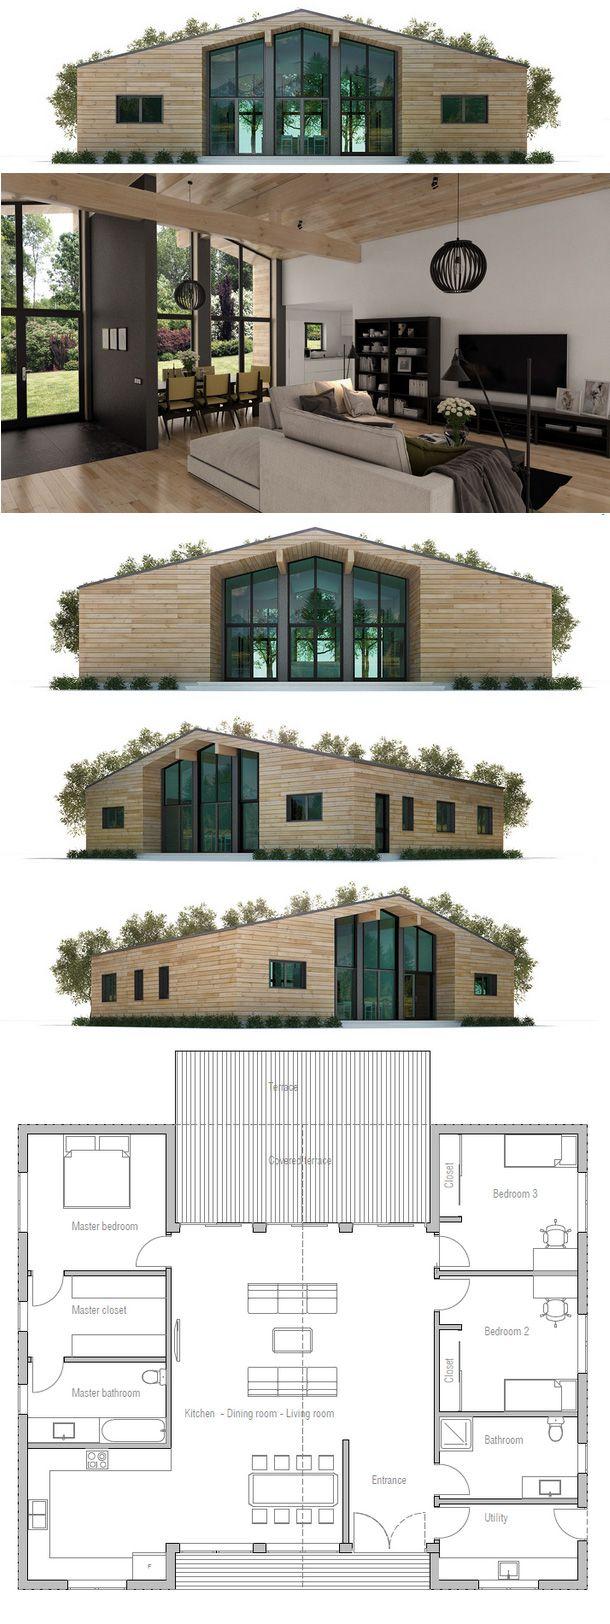 Inspiration maison en bois une tr s jolie maison o le bois est omnipr sent tr s for Construction bois 68